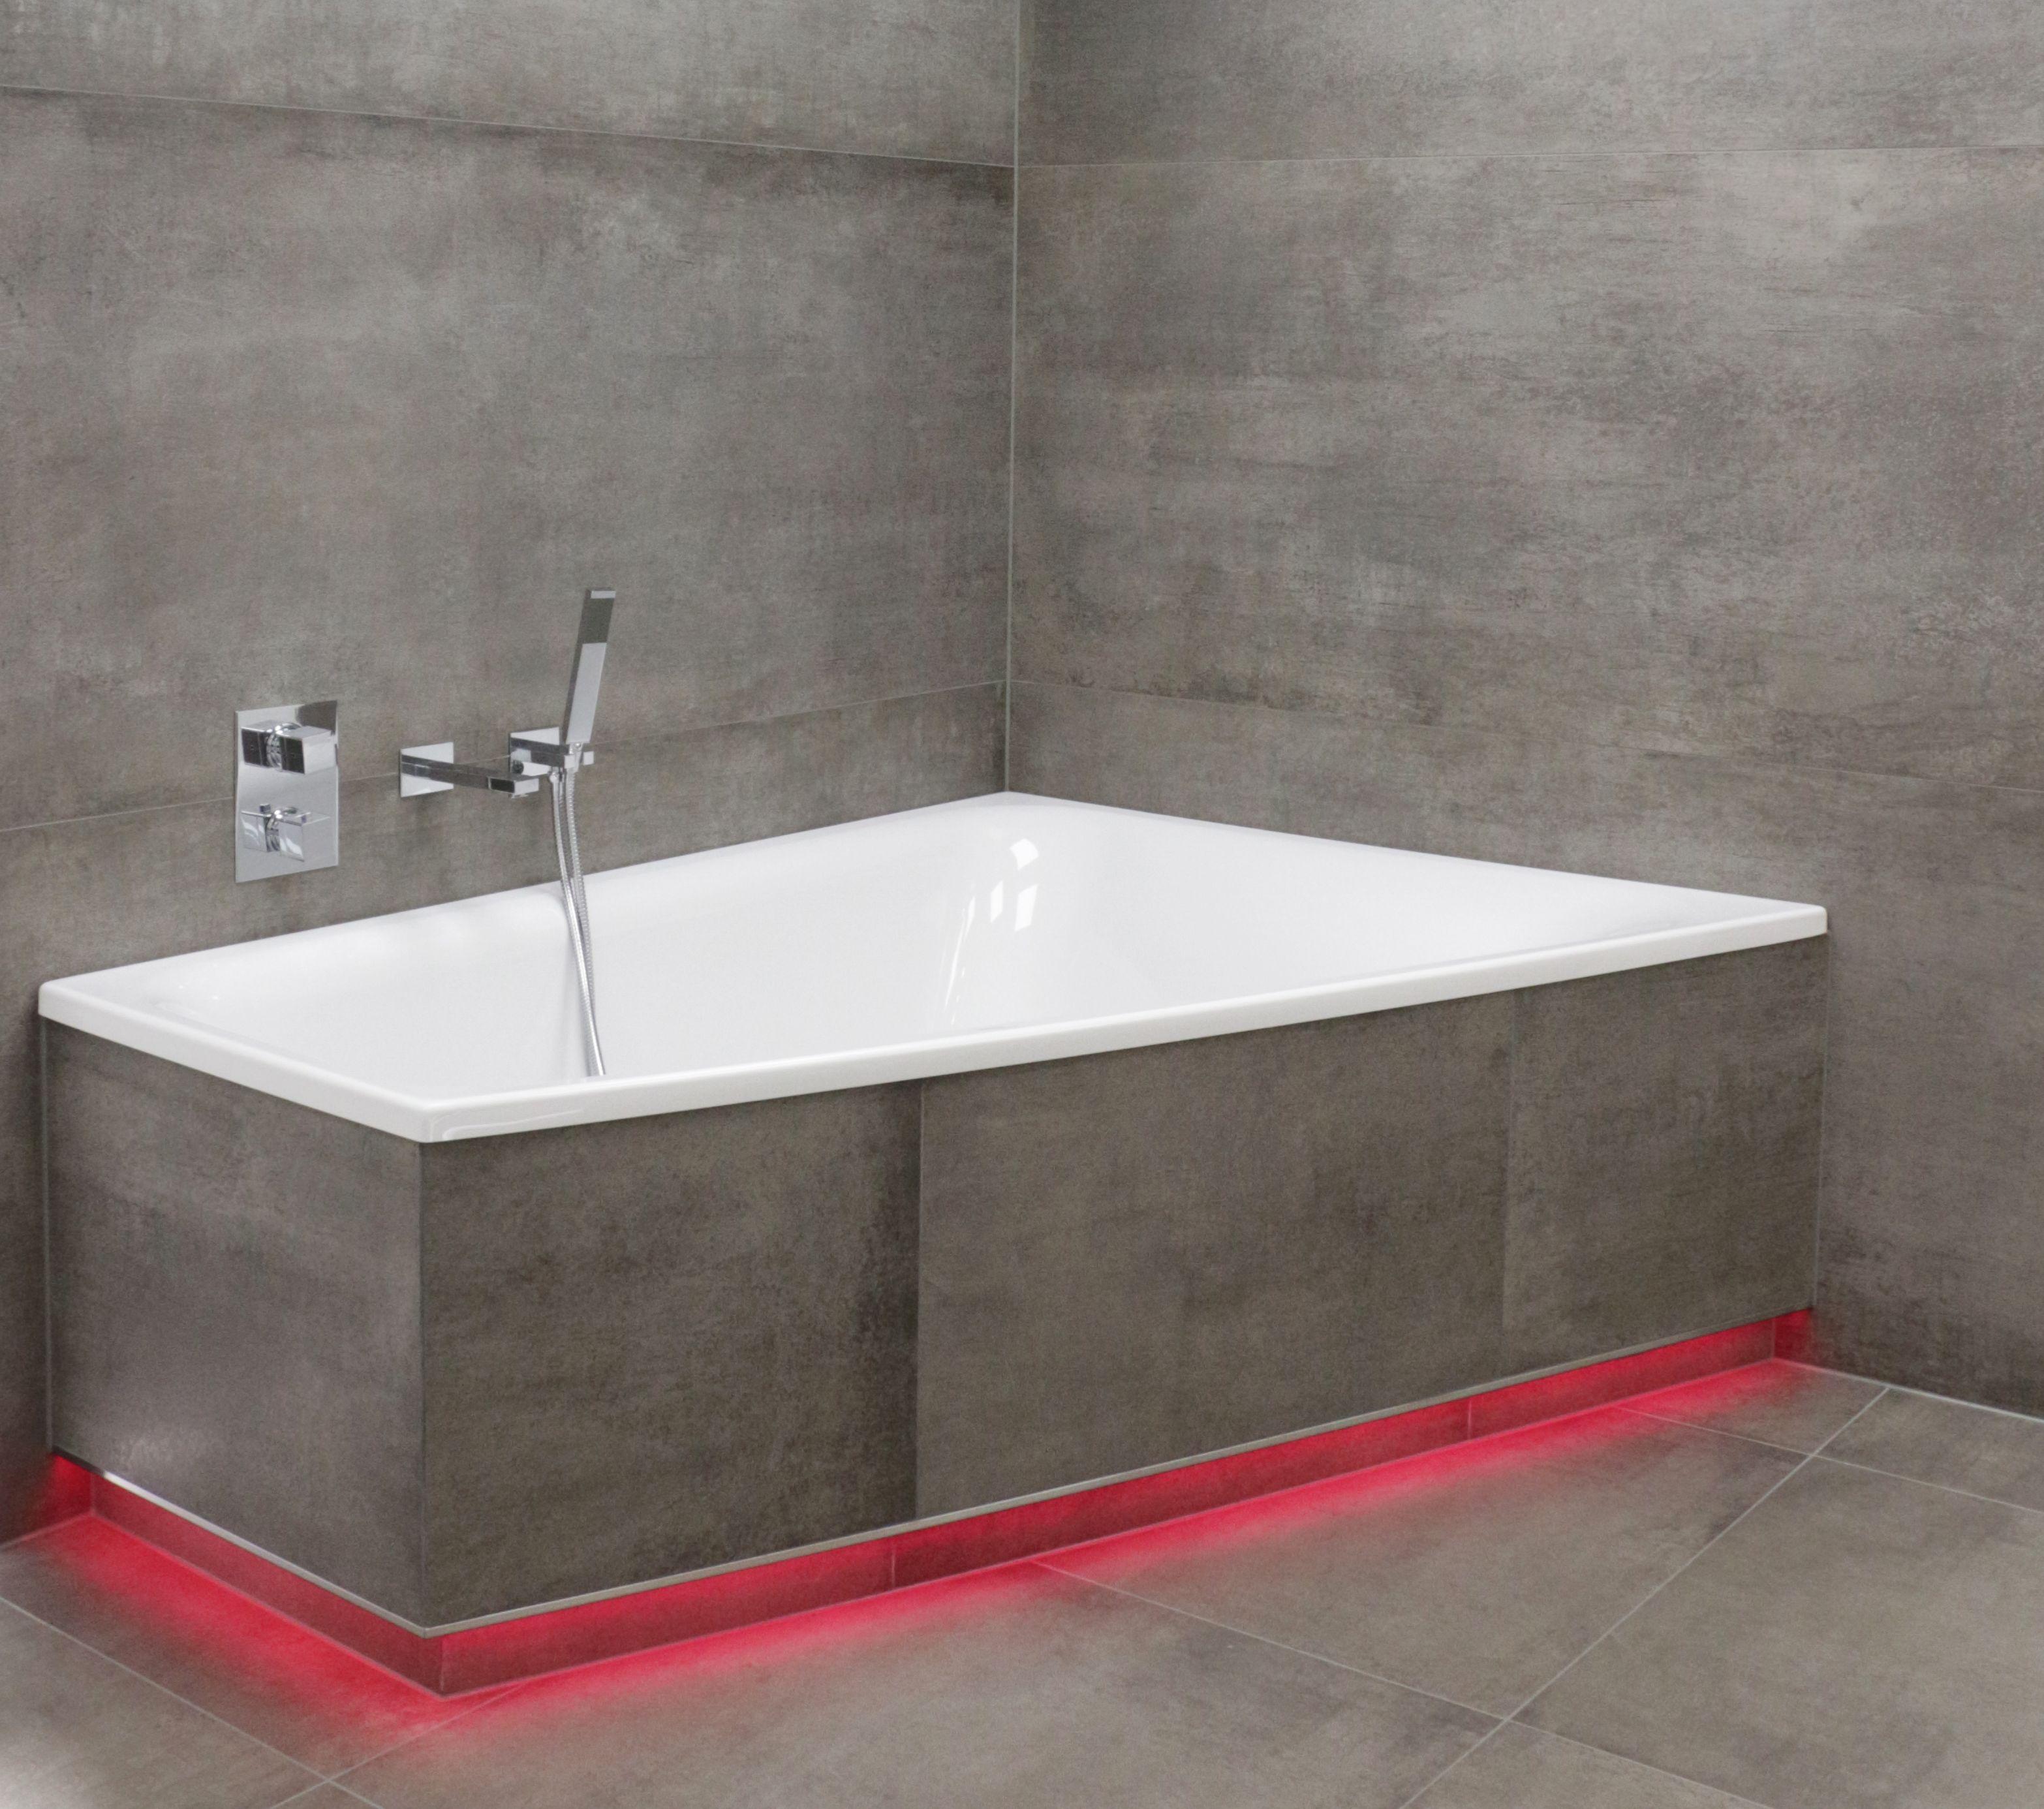 Pin Von Marija Singert Auf Badgestaltung Badgestaltung Moderne Fliesen Fliesen